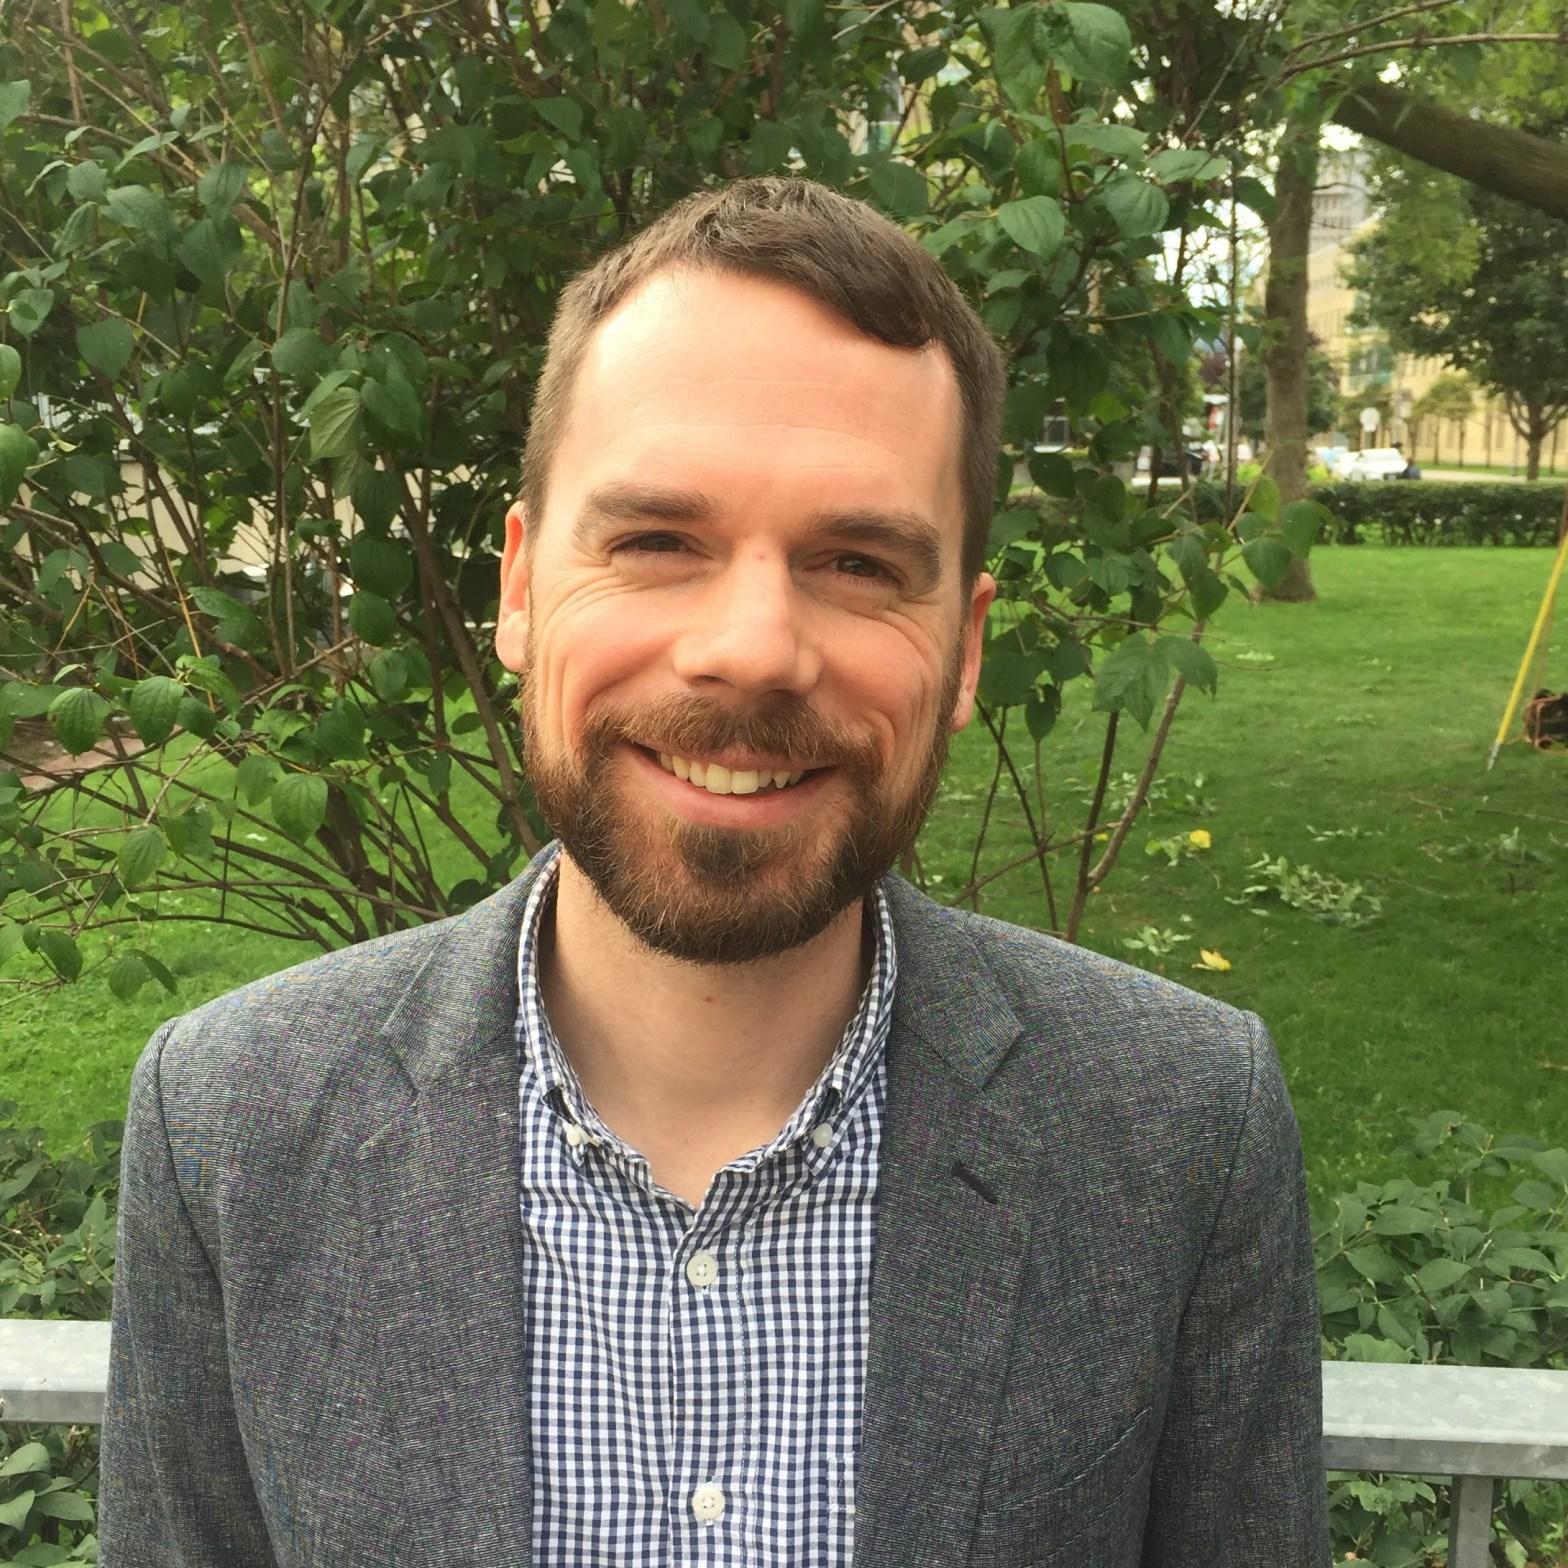 Dr. Michael Mack, Assistant Professor